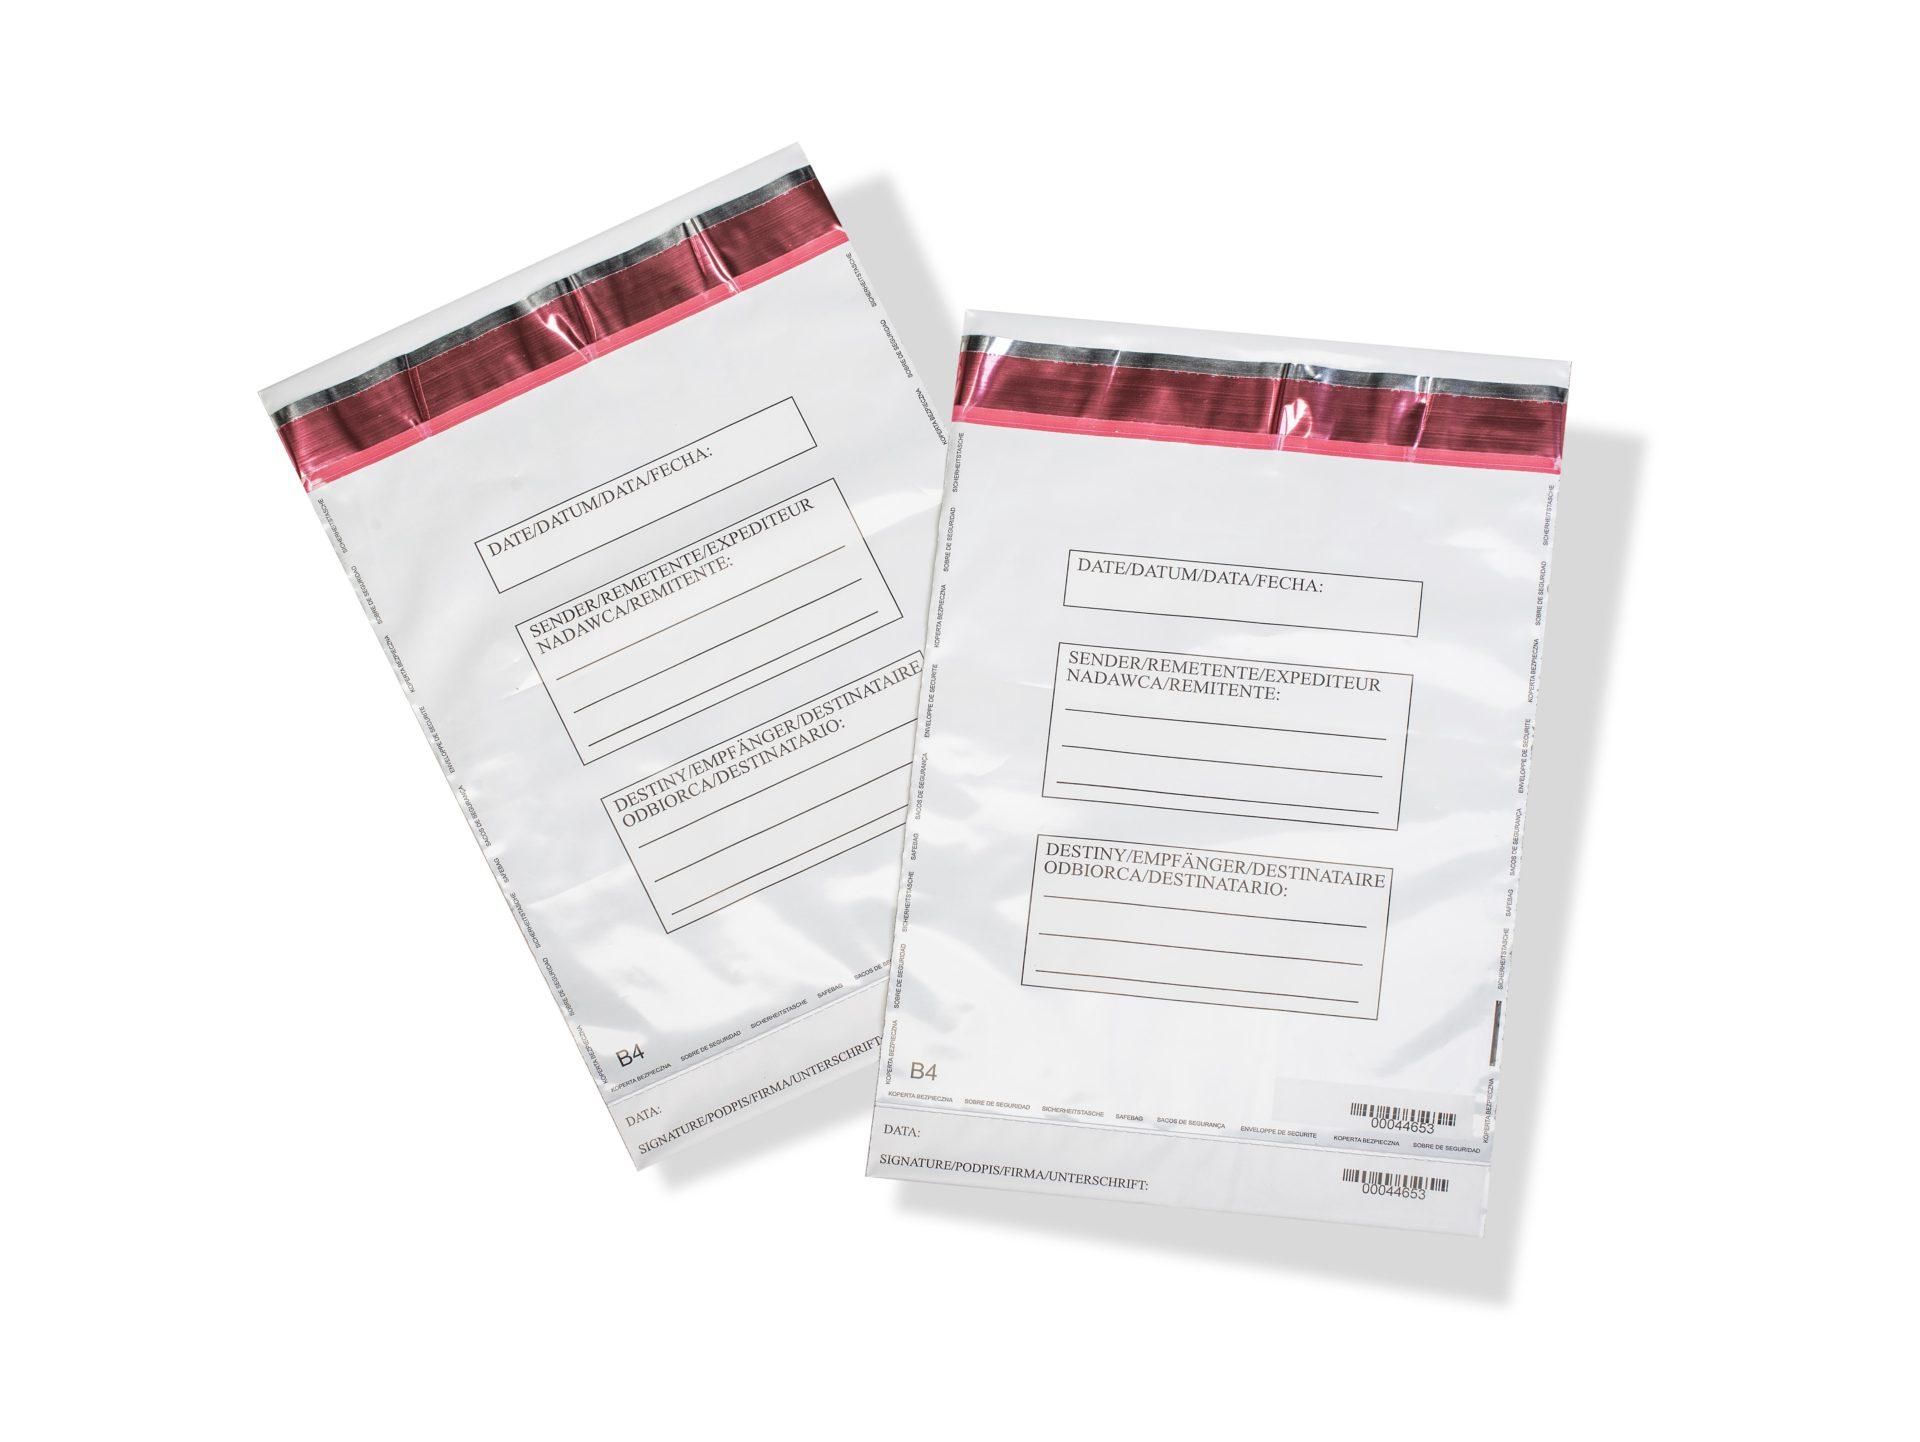 Precintia Security envelopes